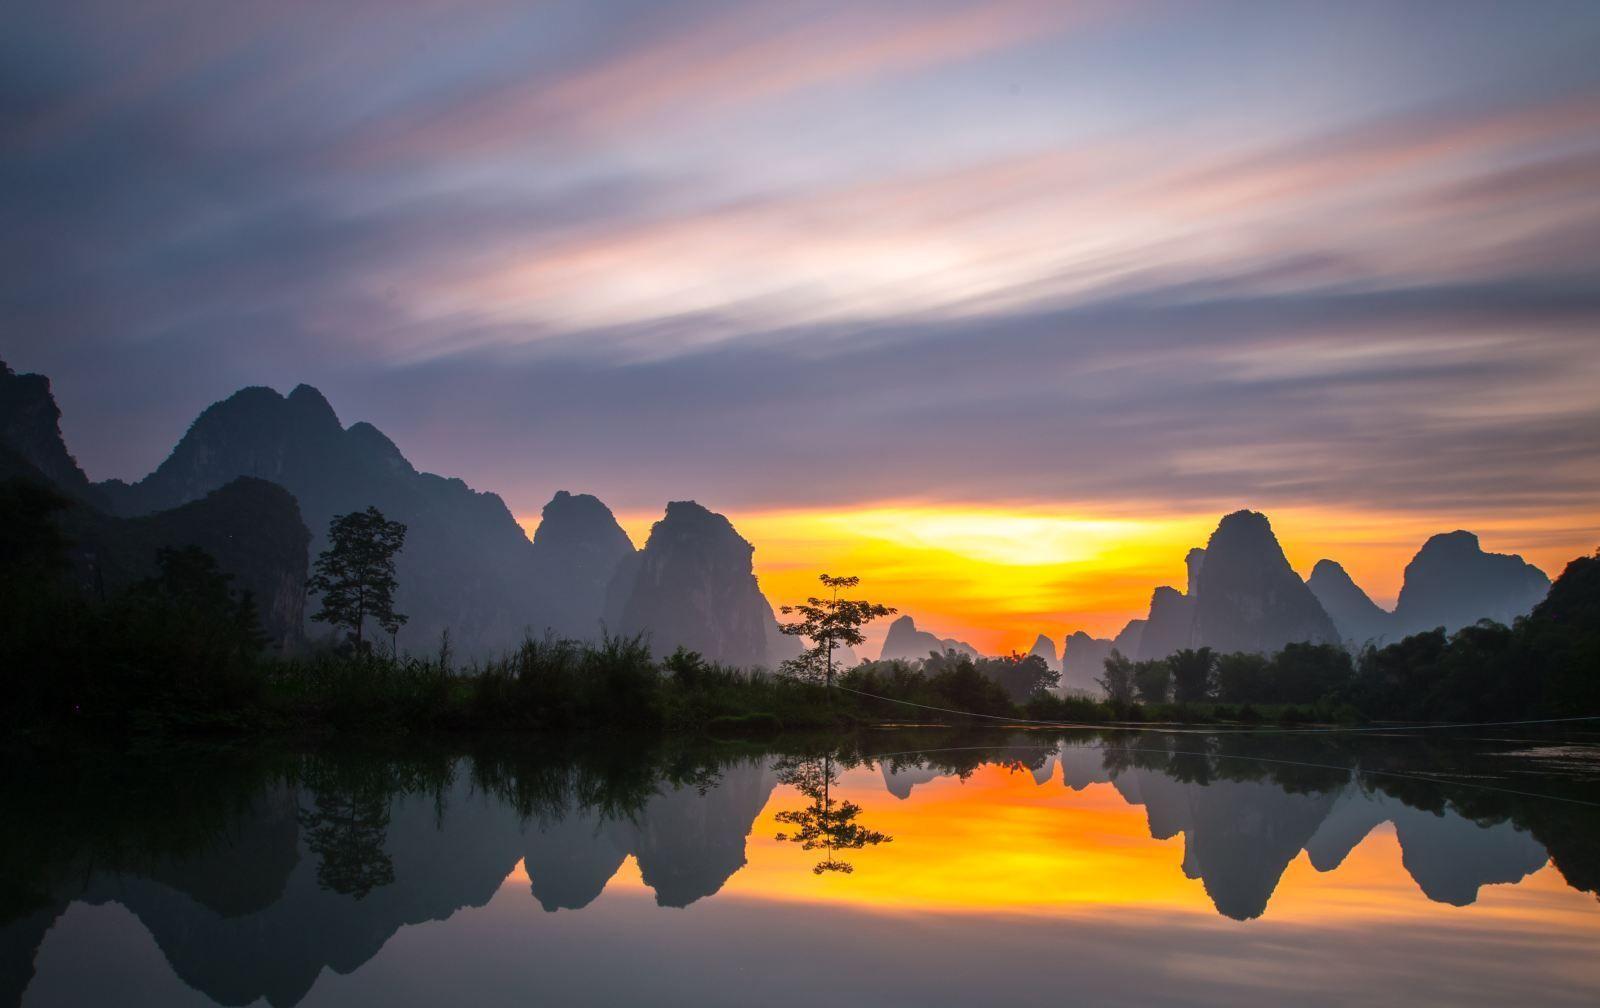 去桂林旅游千万不能错过的六大景点,不